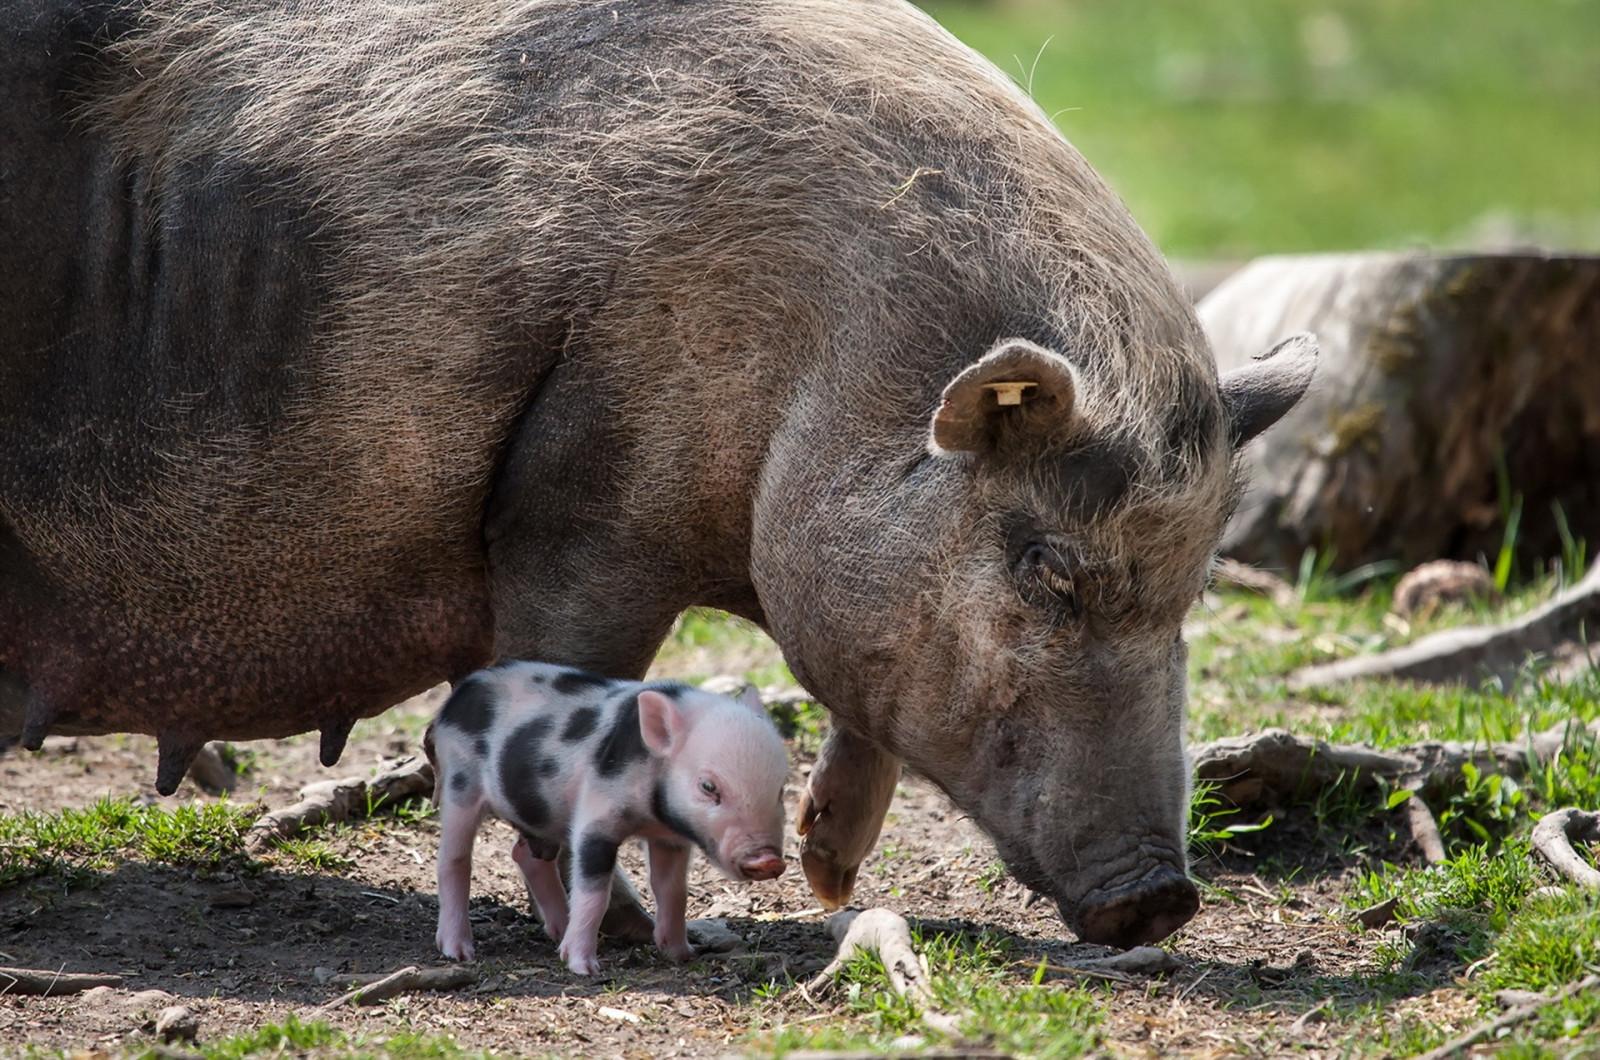 980 Koleksi Gambar Binatang Babi Hutan Gratis